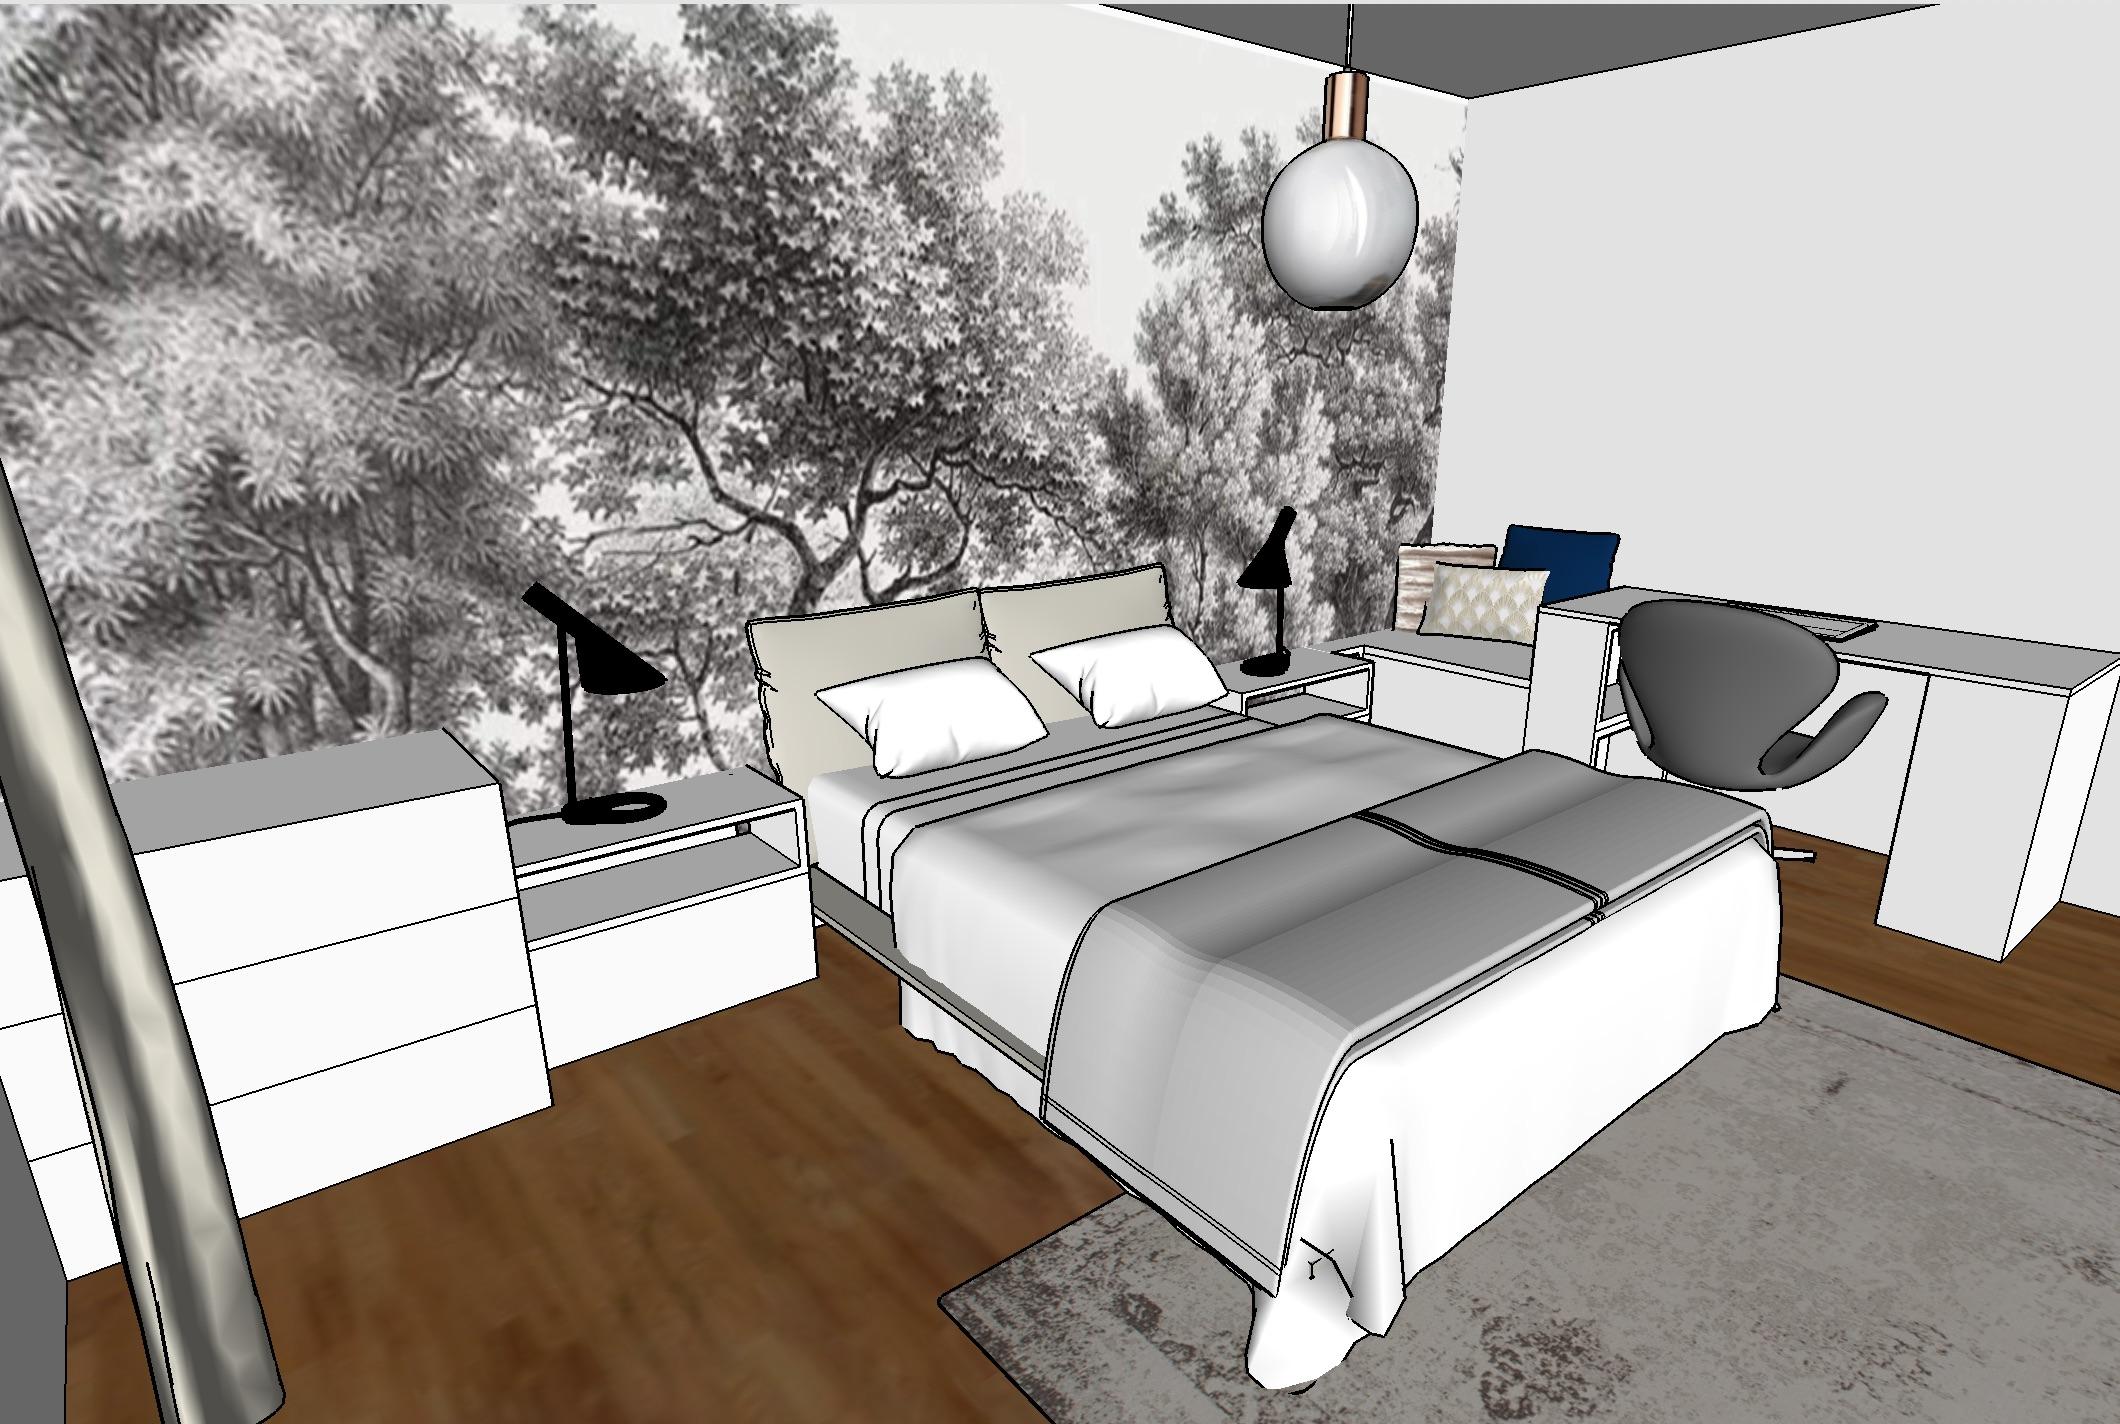 Décoration de chambre par Just in Home - Décoratrice d'intérieur à Lille